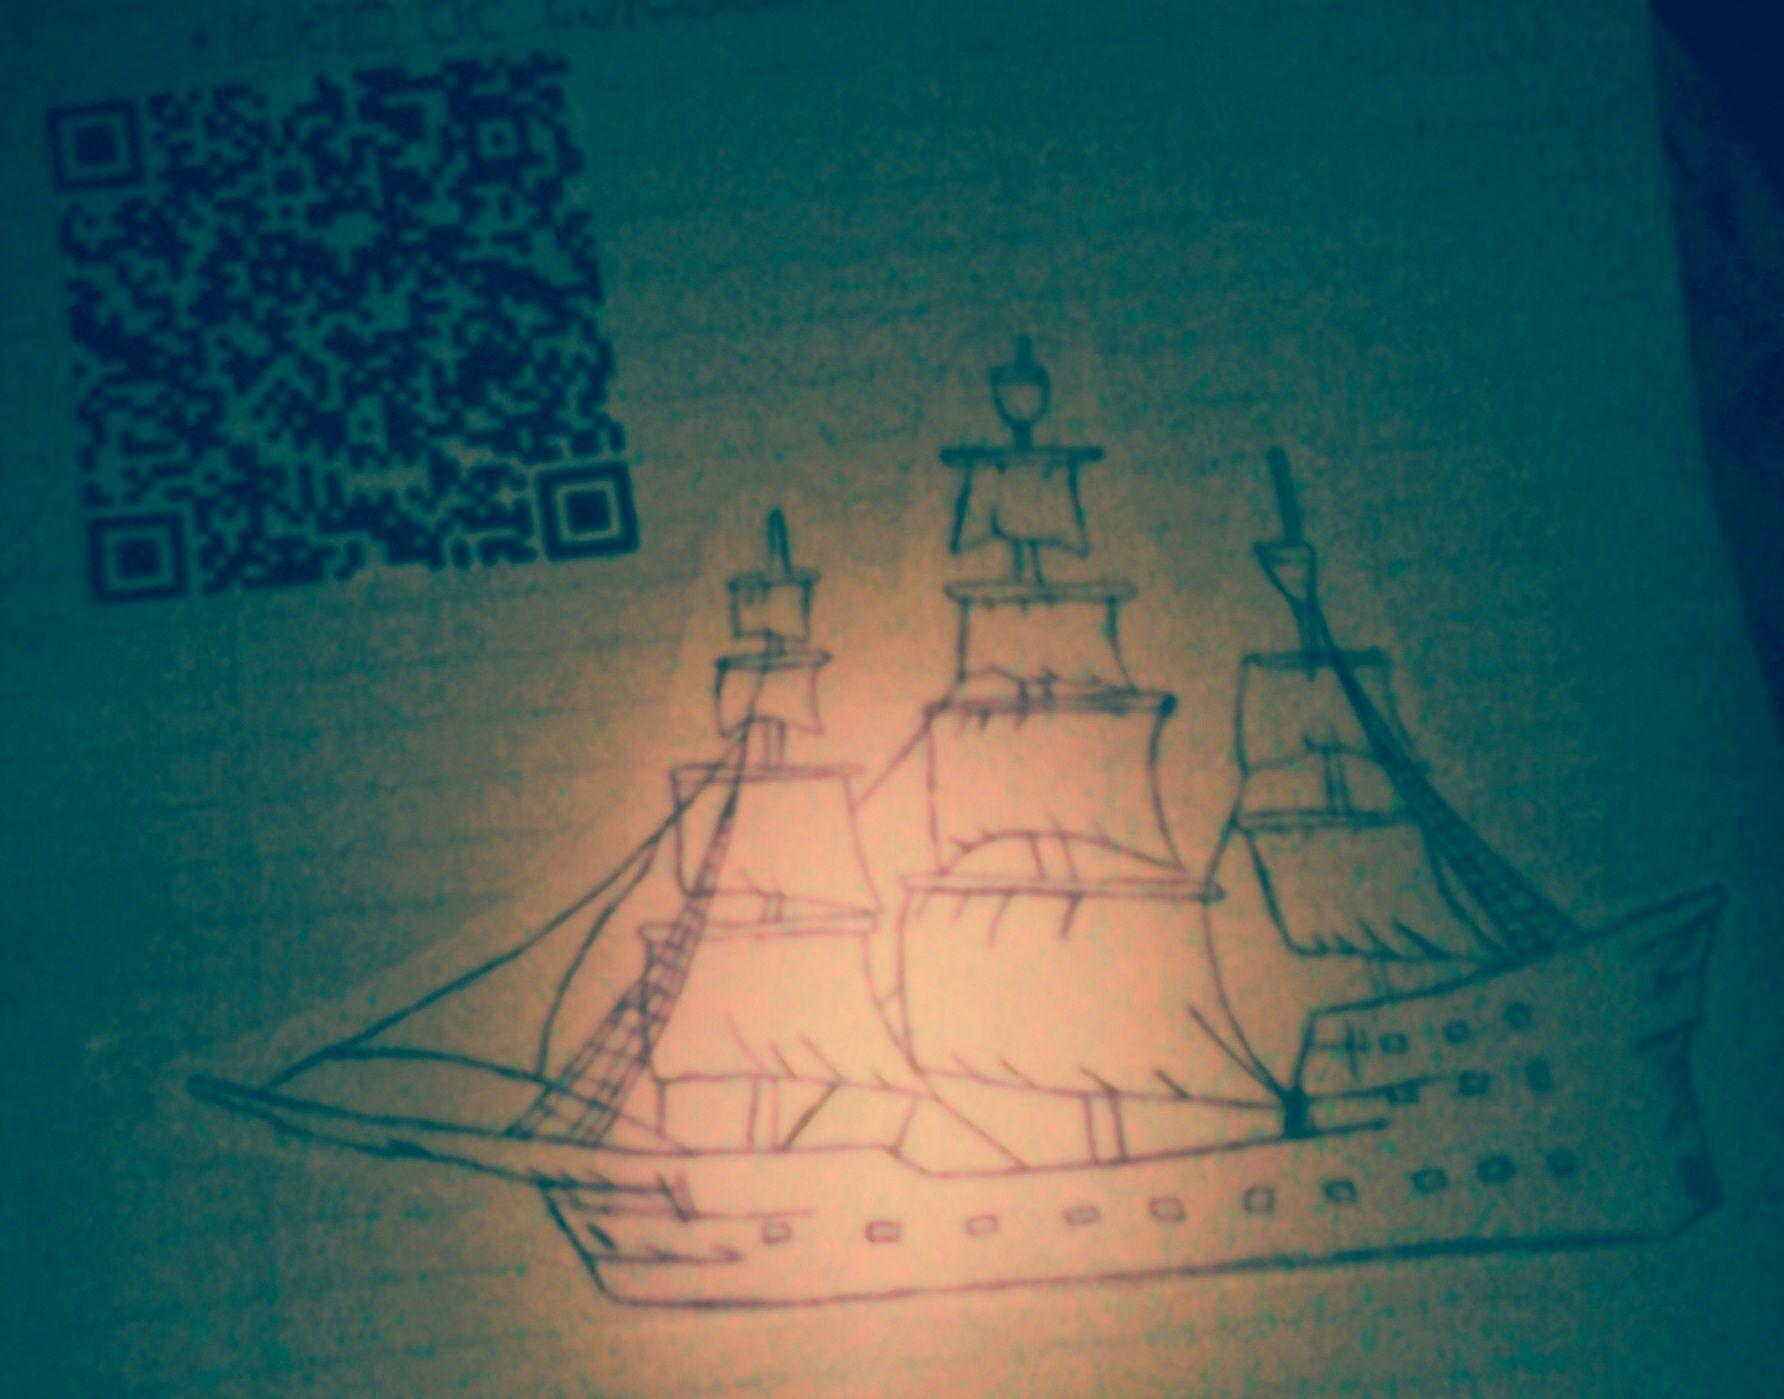 Esta Fue El  Dibujo Con El Codigo Qr